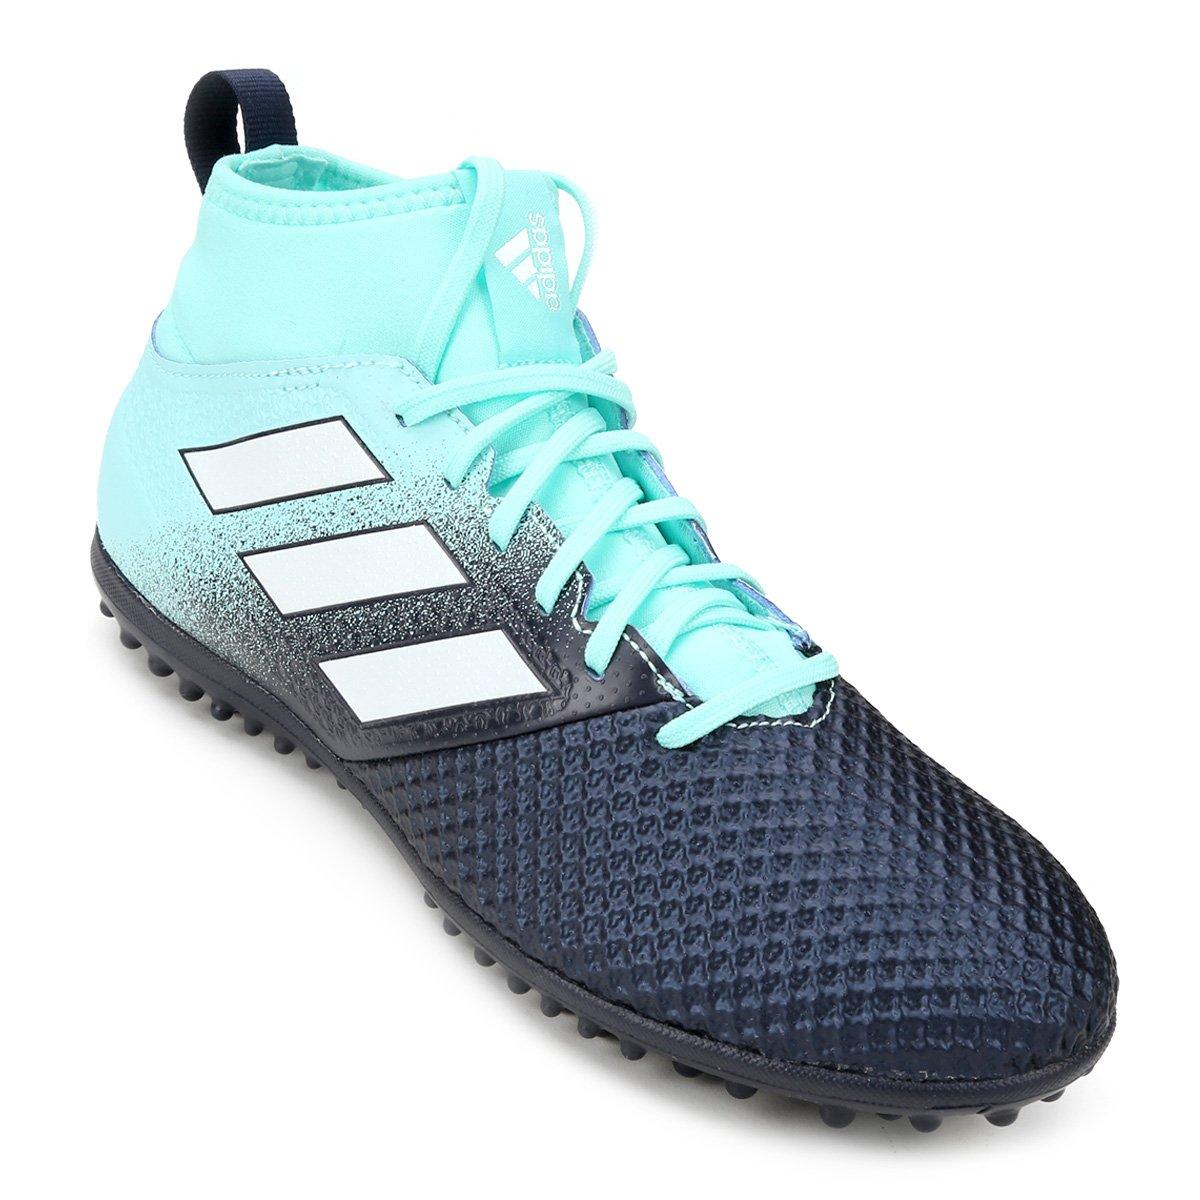 Chuteira Society Adidas Ace 17.3 TF - Azul e Preto - Compre Agora ... 5a6fc5d2cb597